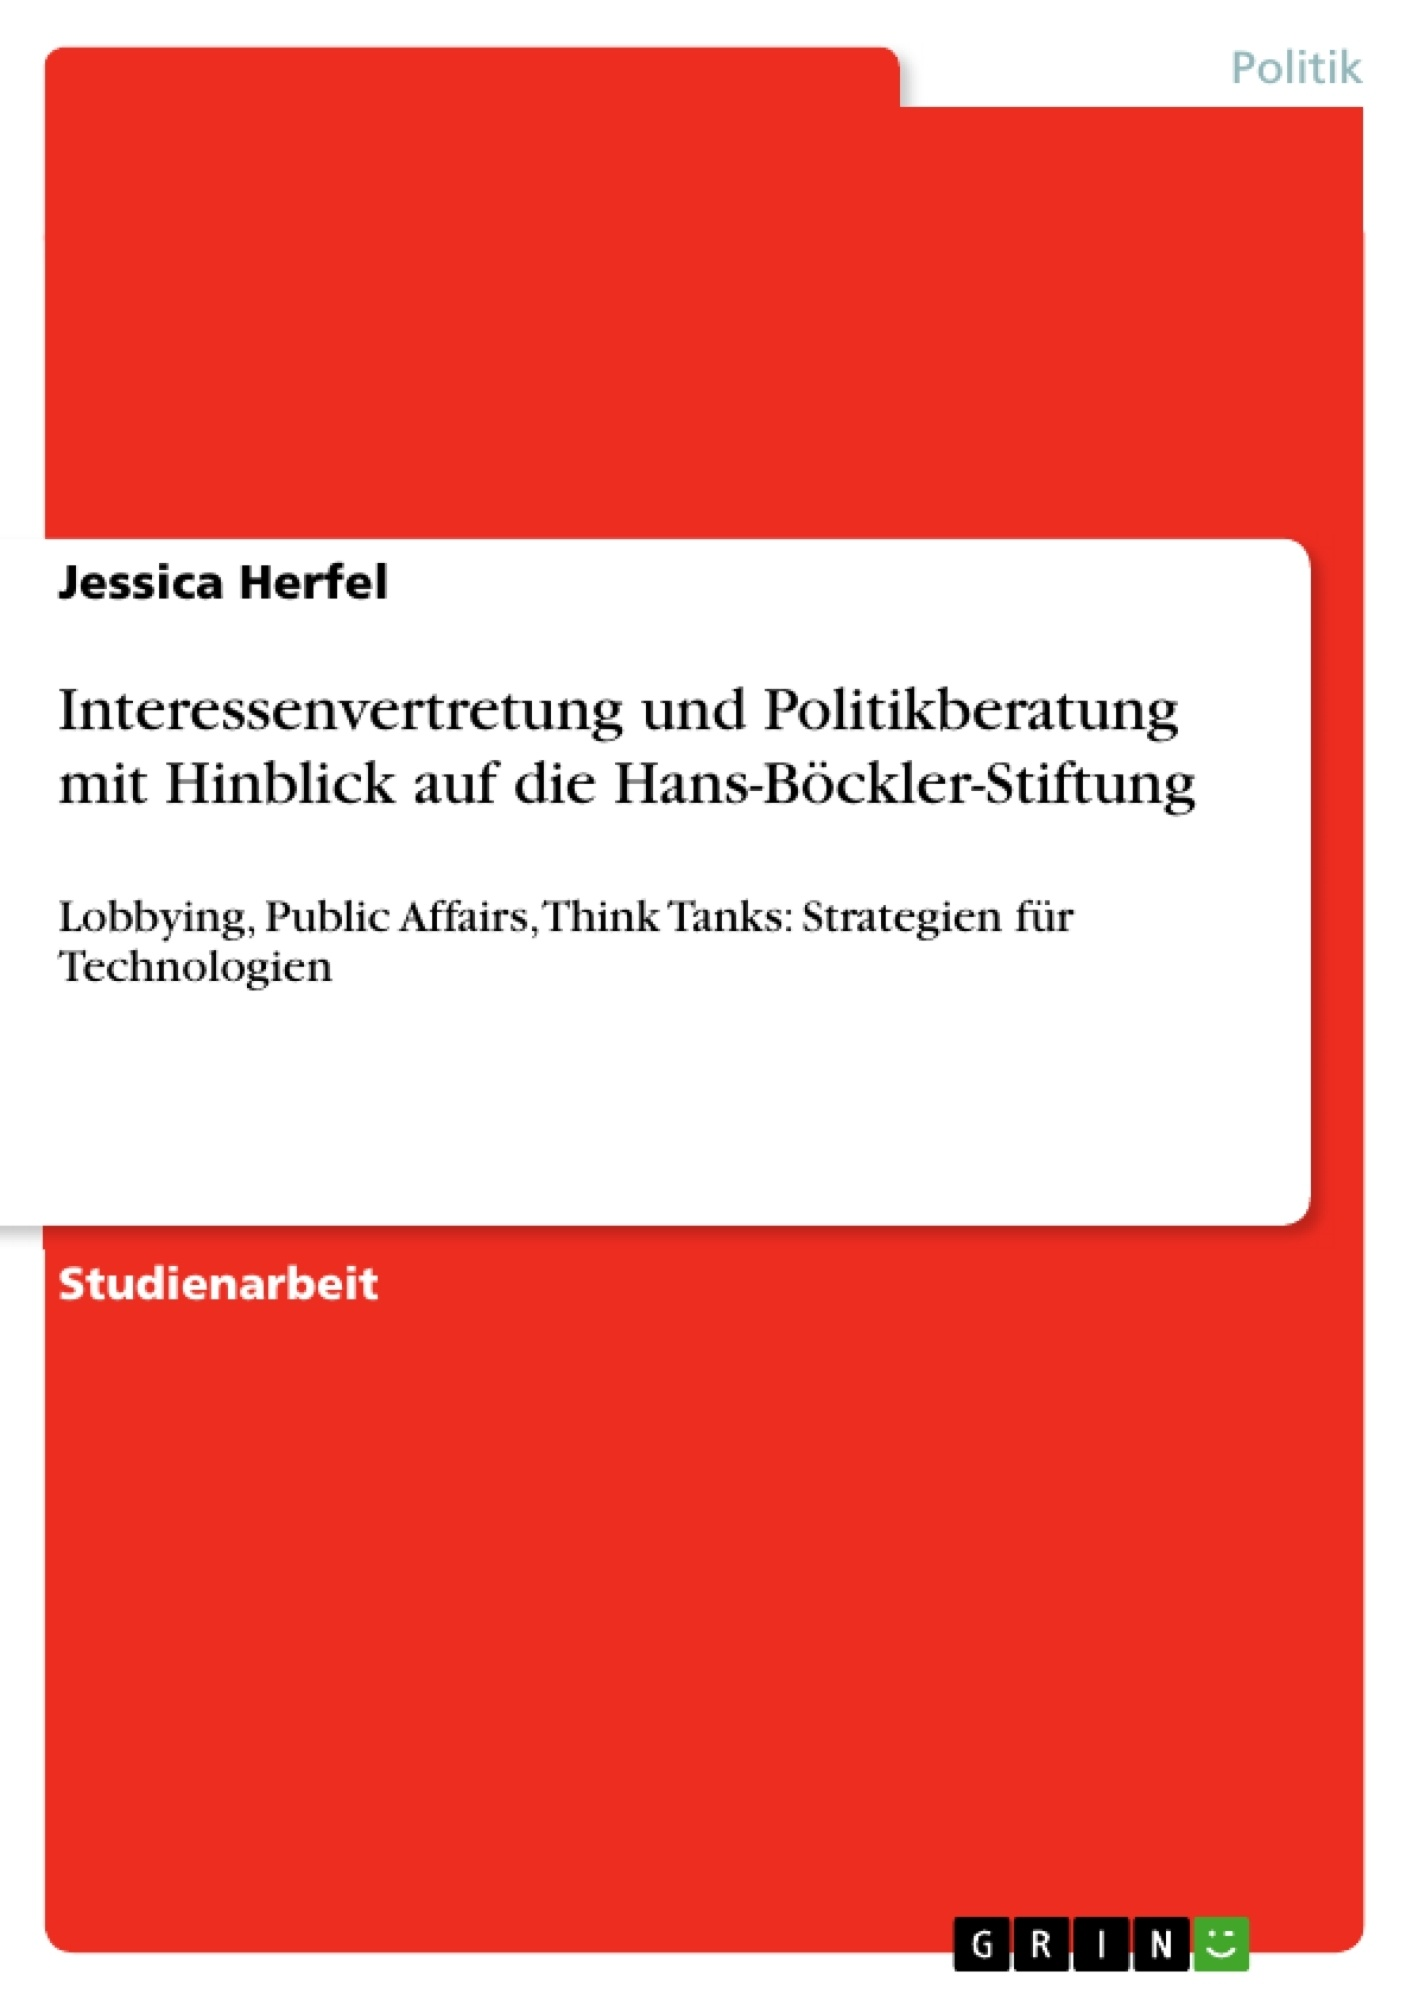 Titel: Interessenvertretung und Politikberatung mit Hinblick auf die Hans-Böckler-Stiftung